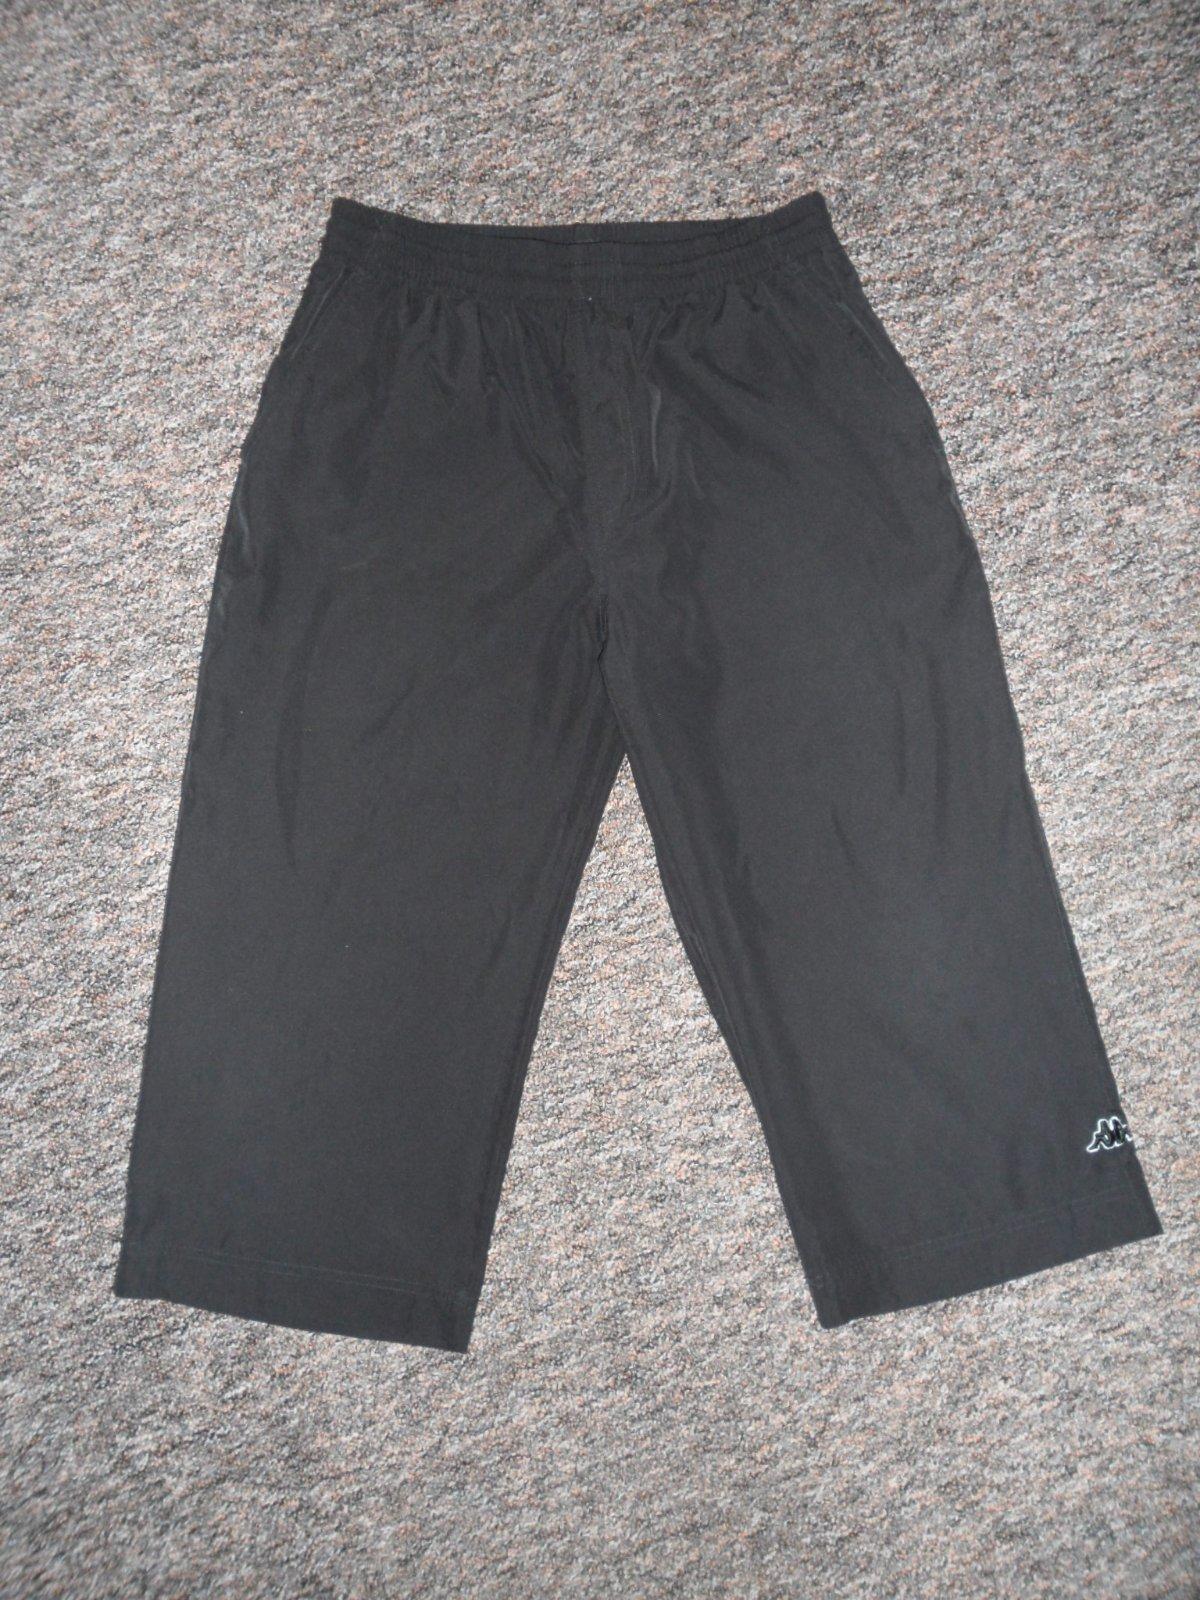 acbde6d5738a Dámske nohavice kappa